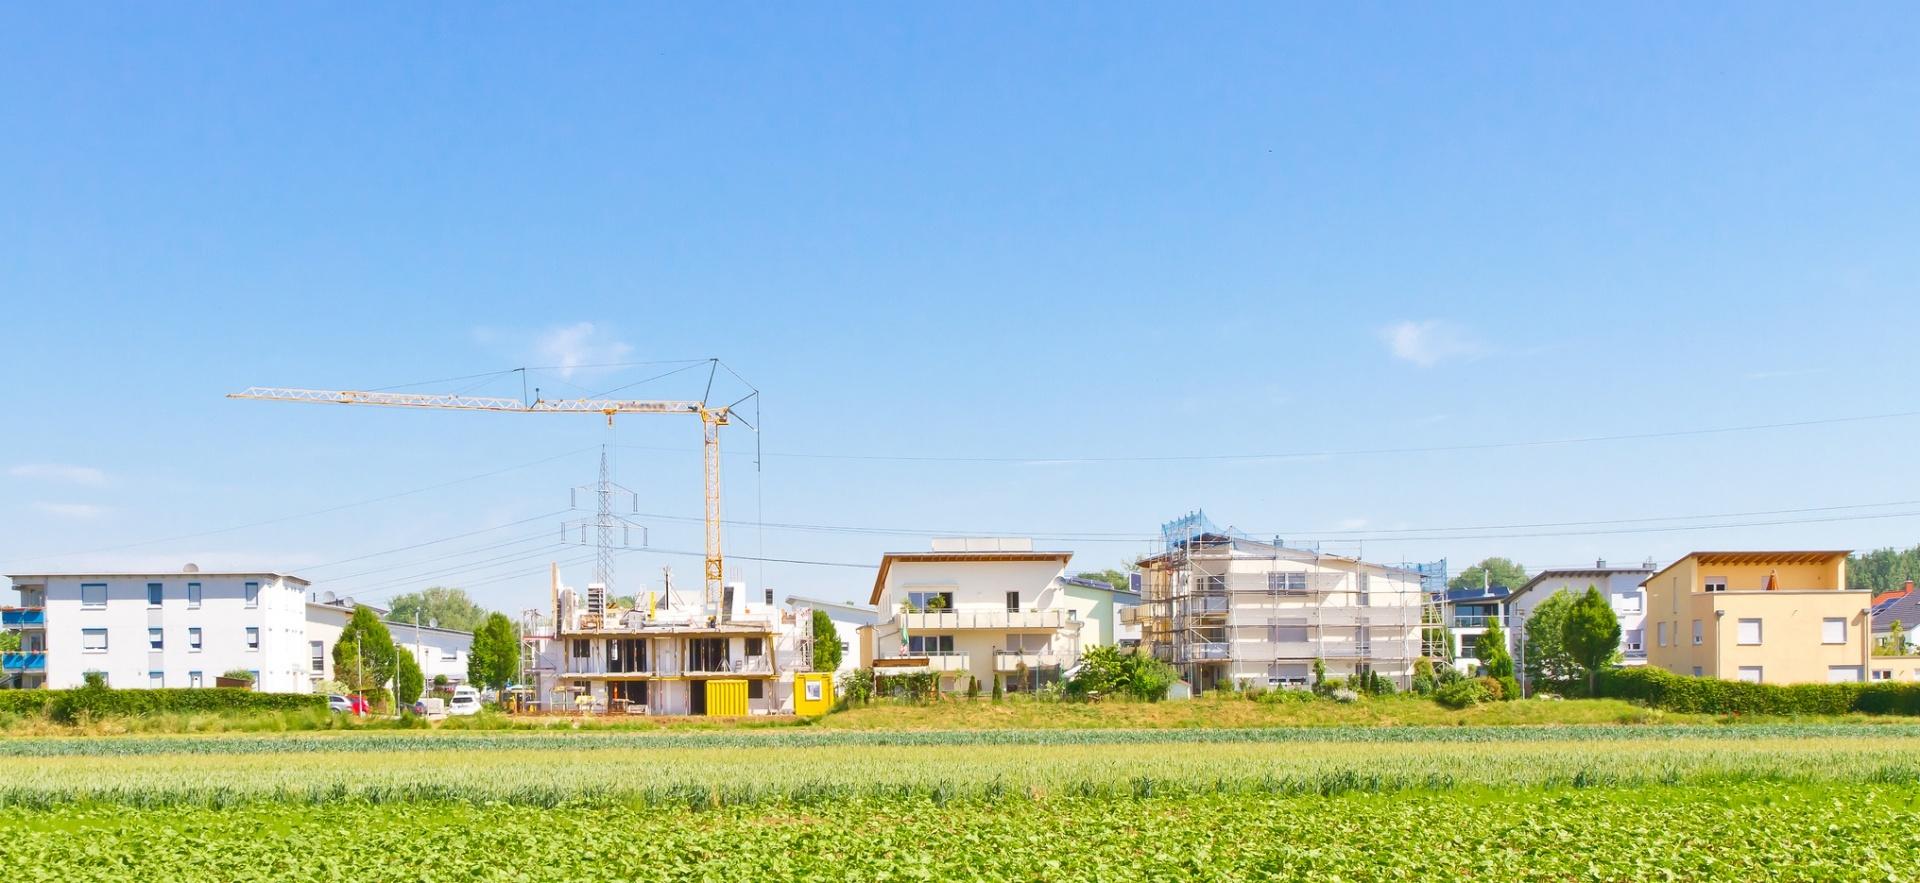 Kauf ab Plan: Neubau auf der grünen Wiese (Bild: fotolia)